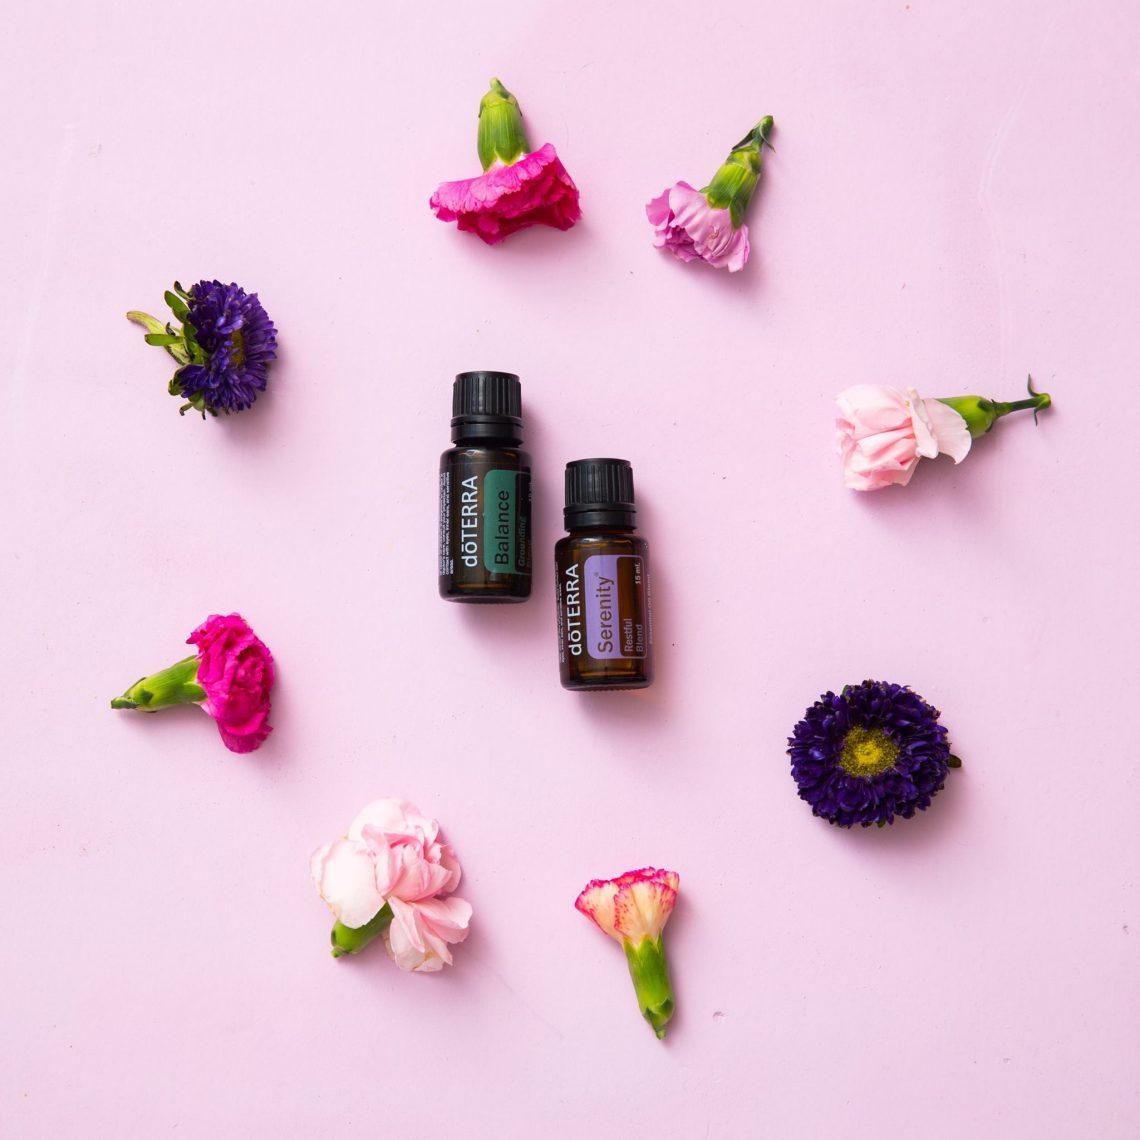 doterra, essential oils, doterra oils, doterra australia, aromatherapy